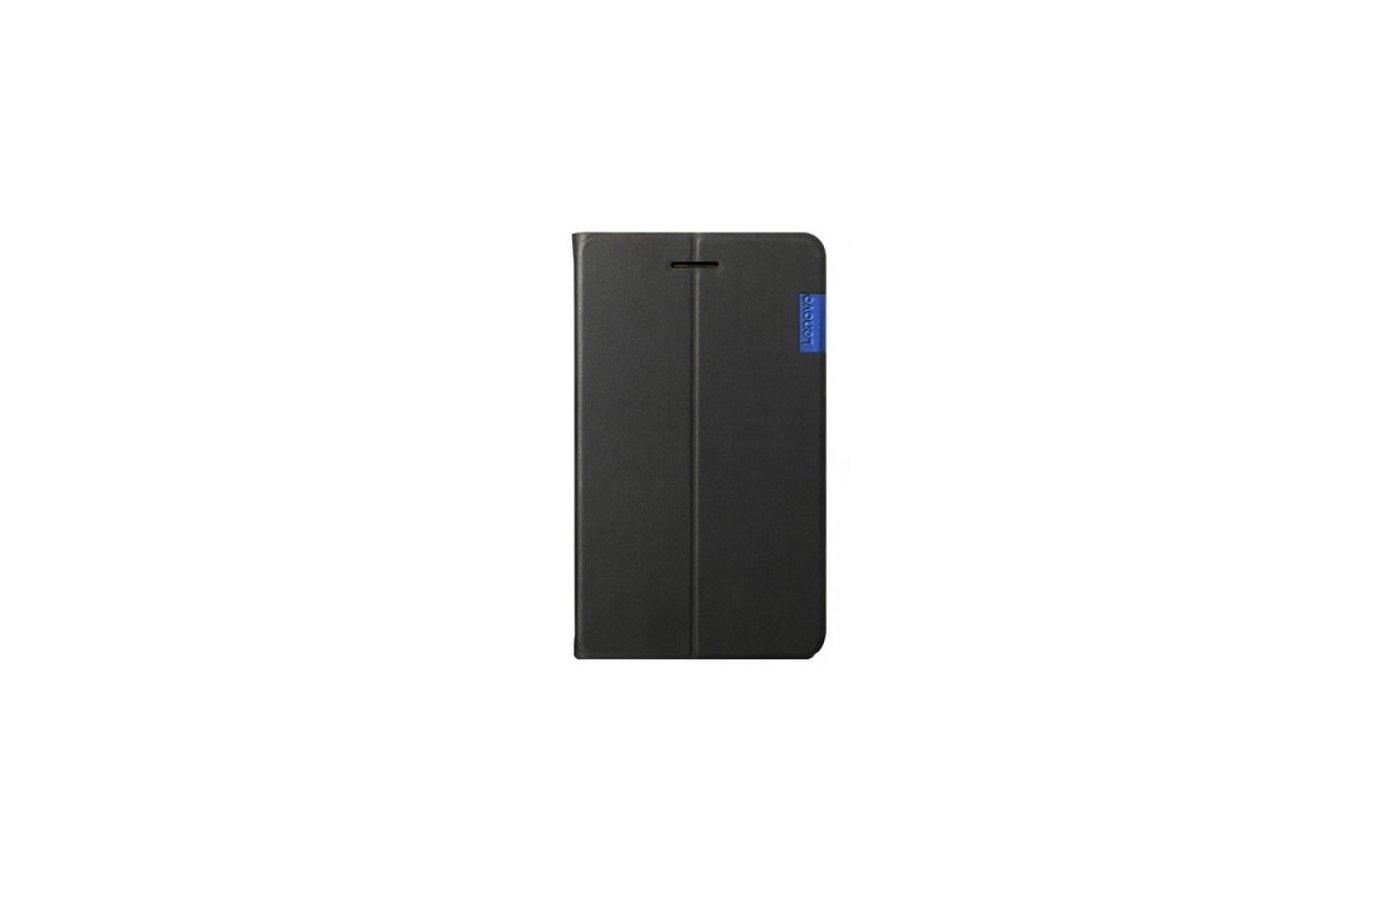 Чехол для планшетного ПК Lenovo для Lenovo Tab 3 730 Folio Case and Film черный (ZG38C01046)